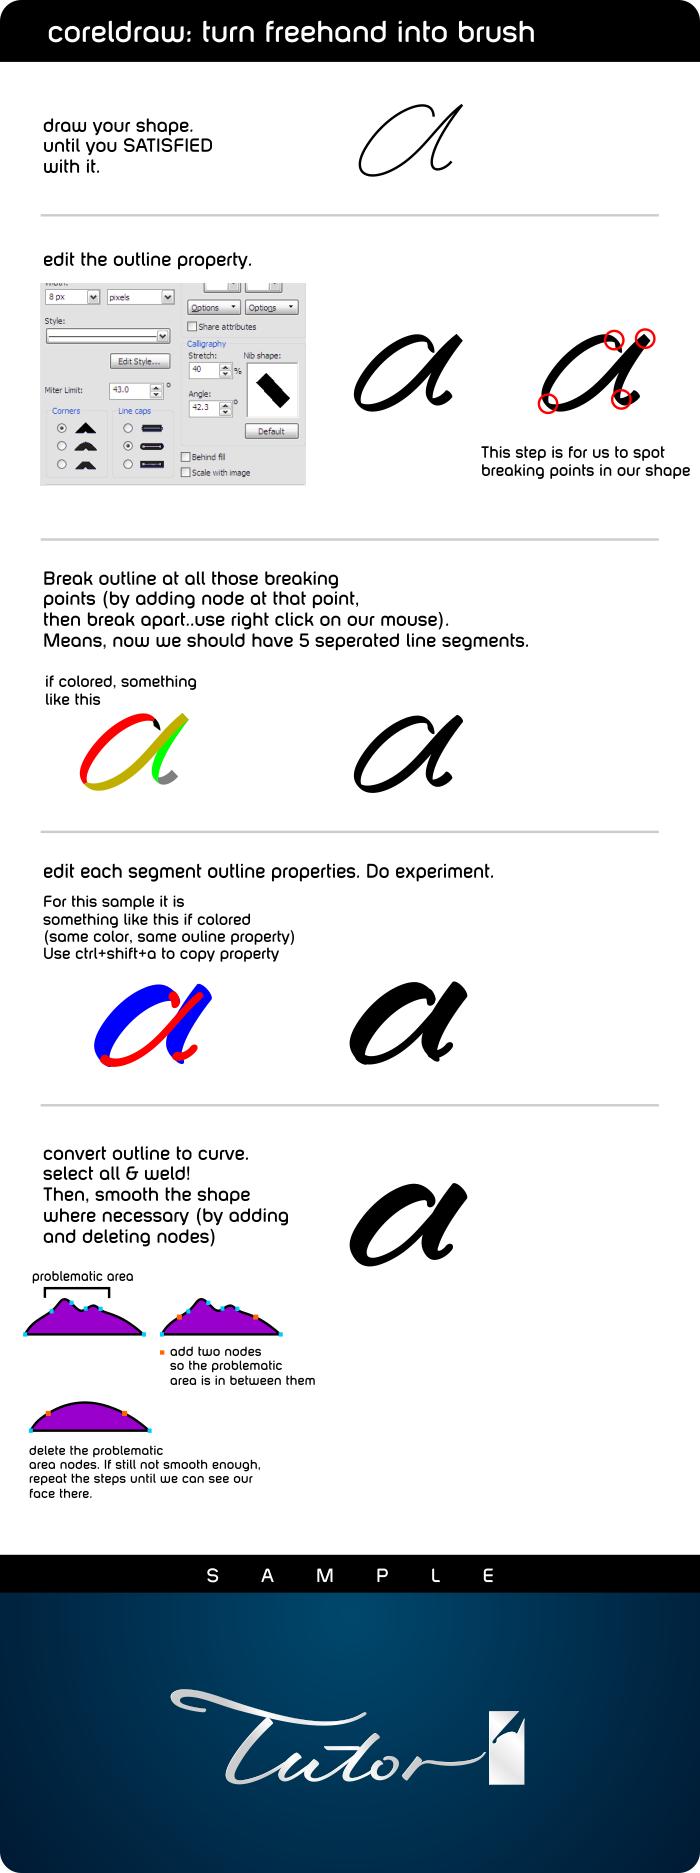 COREL Graphics Suite (CorelDRAW and CorelPHOTOPAINT